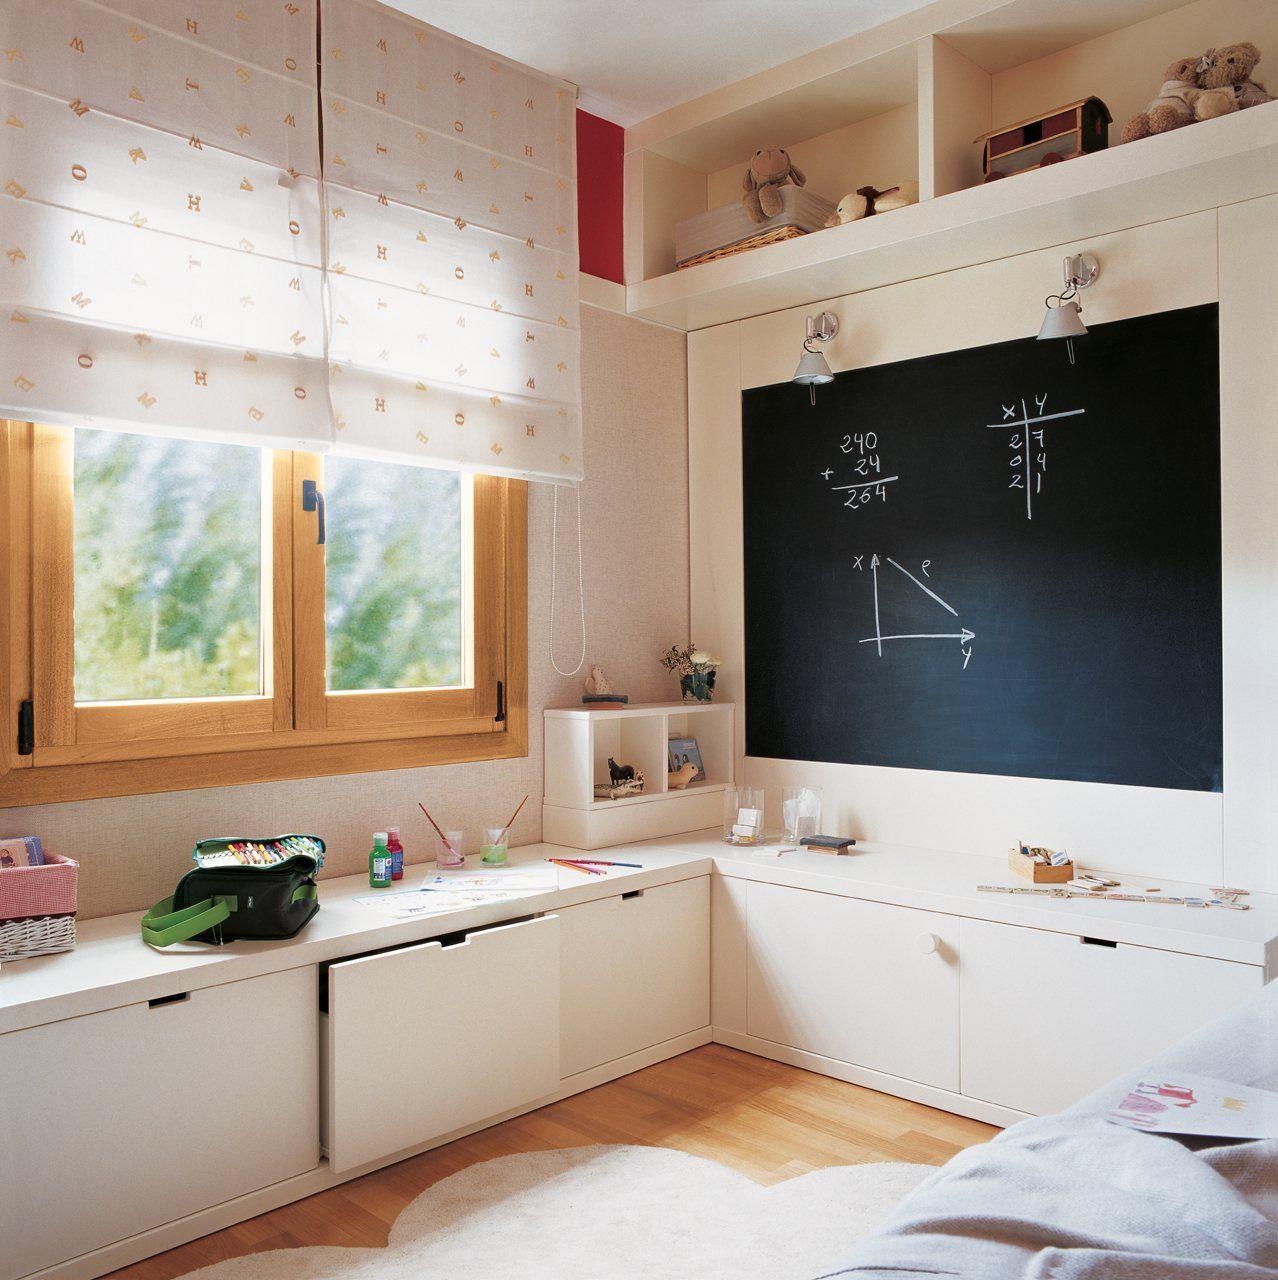 Armario transparente dormitorios infantiles dormitorio for Armario habitacion nina